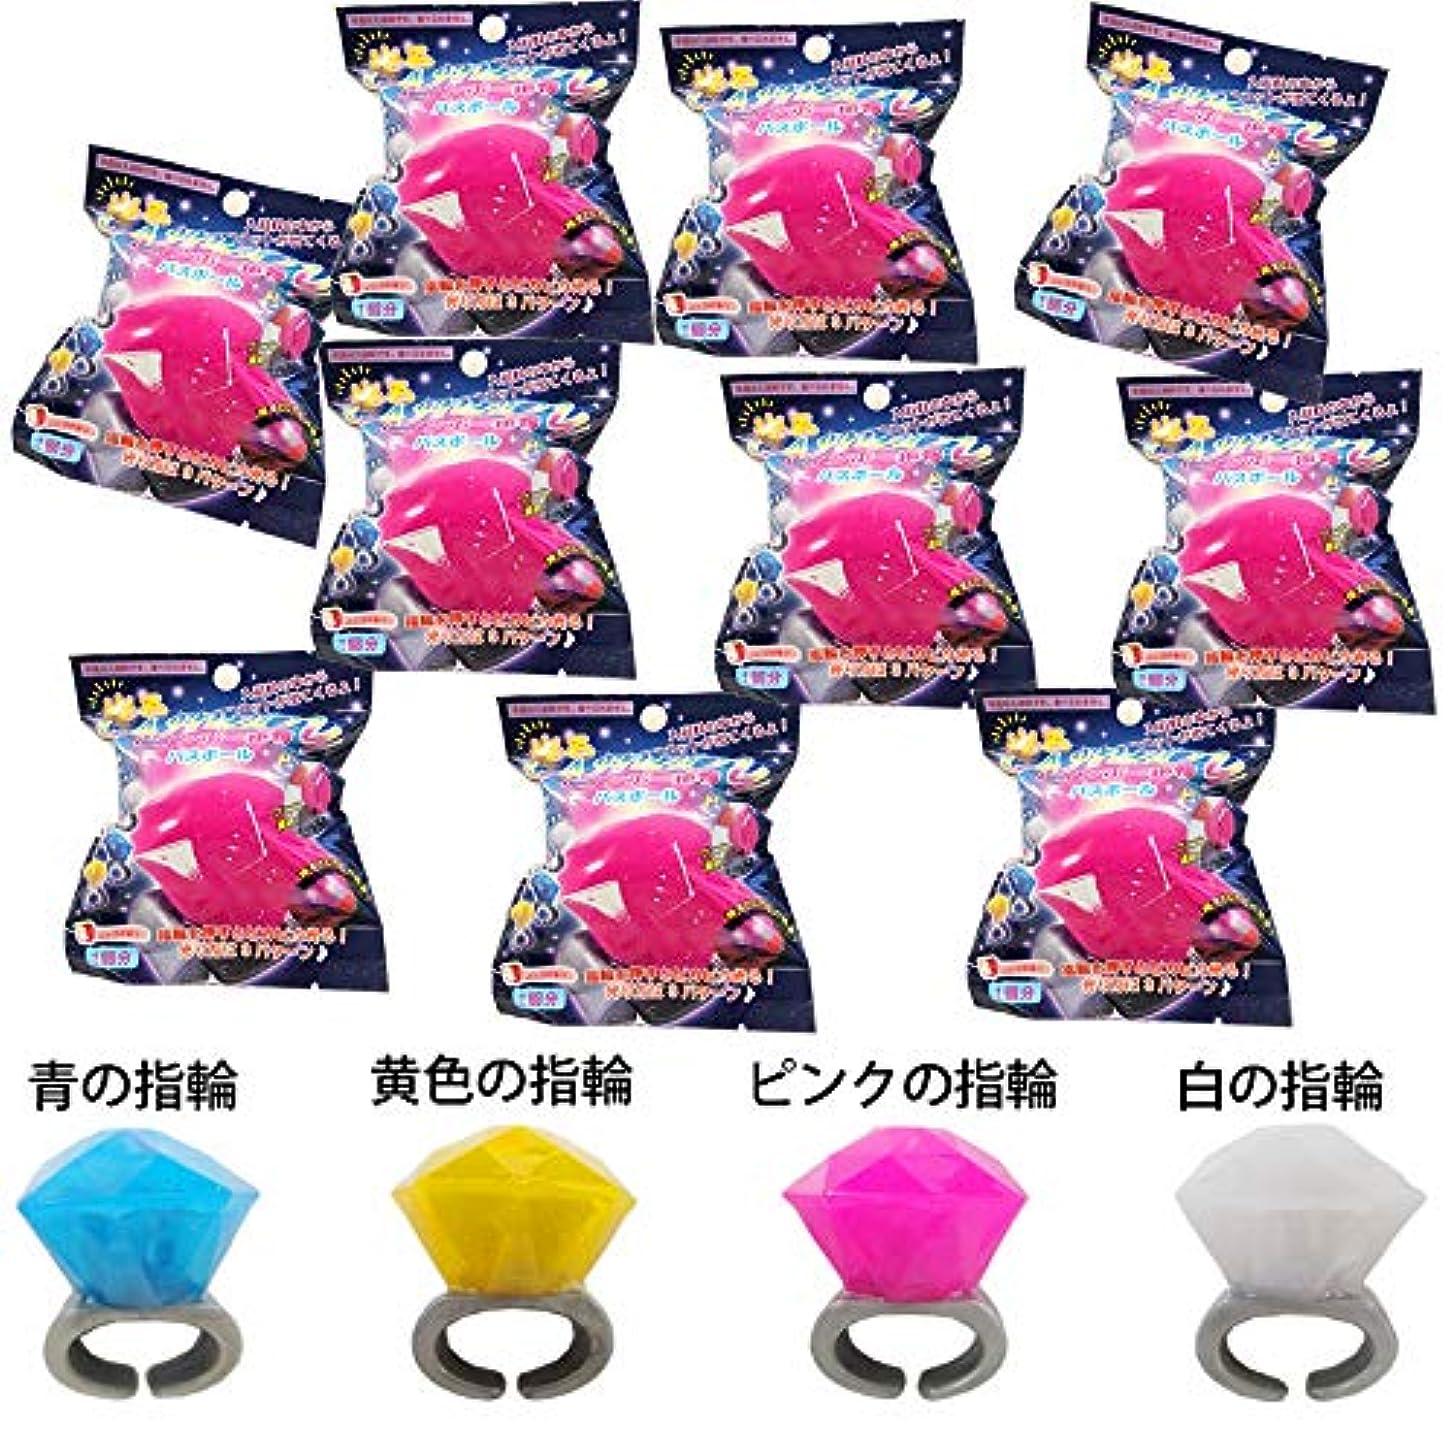 シンプルなアンカービリーヤギ【10個セット】 光る レインボー バスボール 入浴剤 指輪 りんごの香り